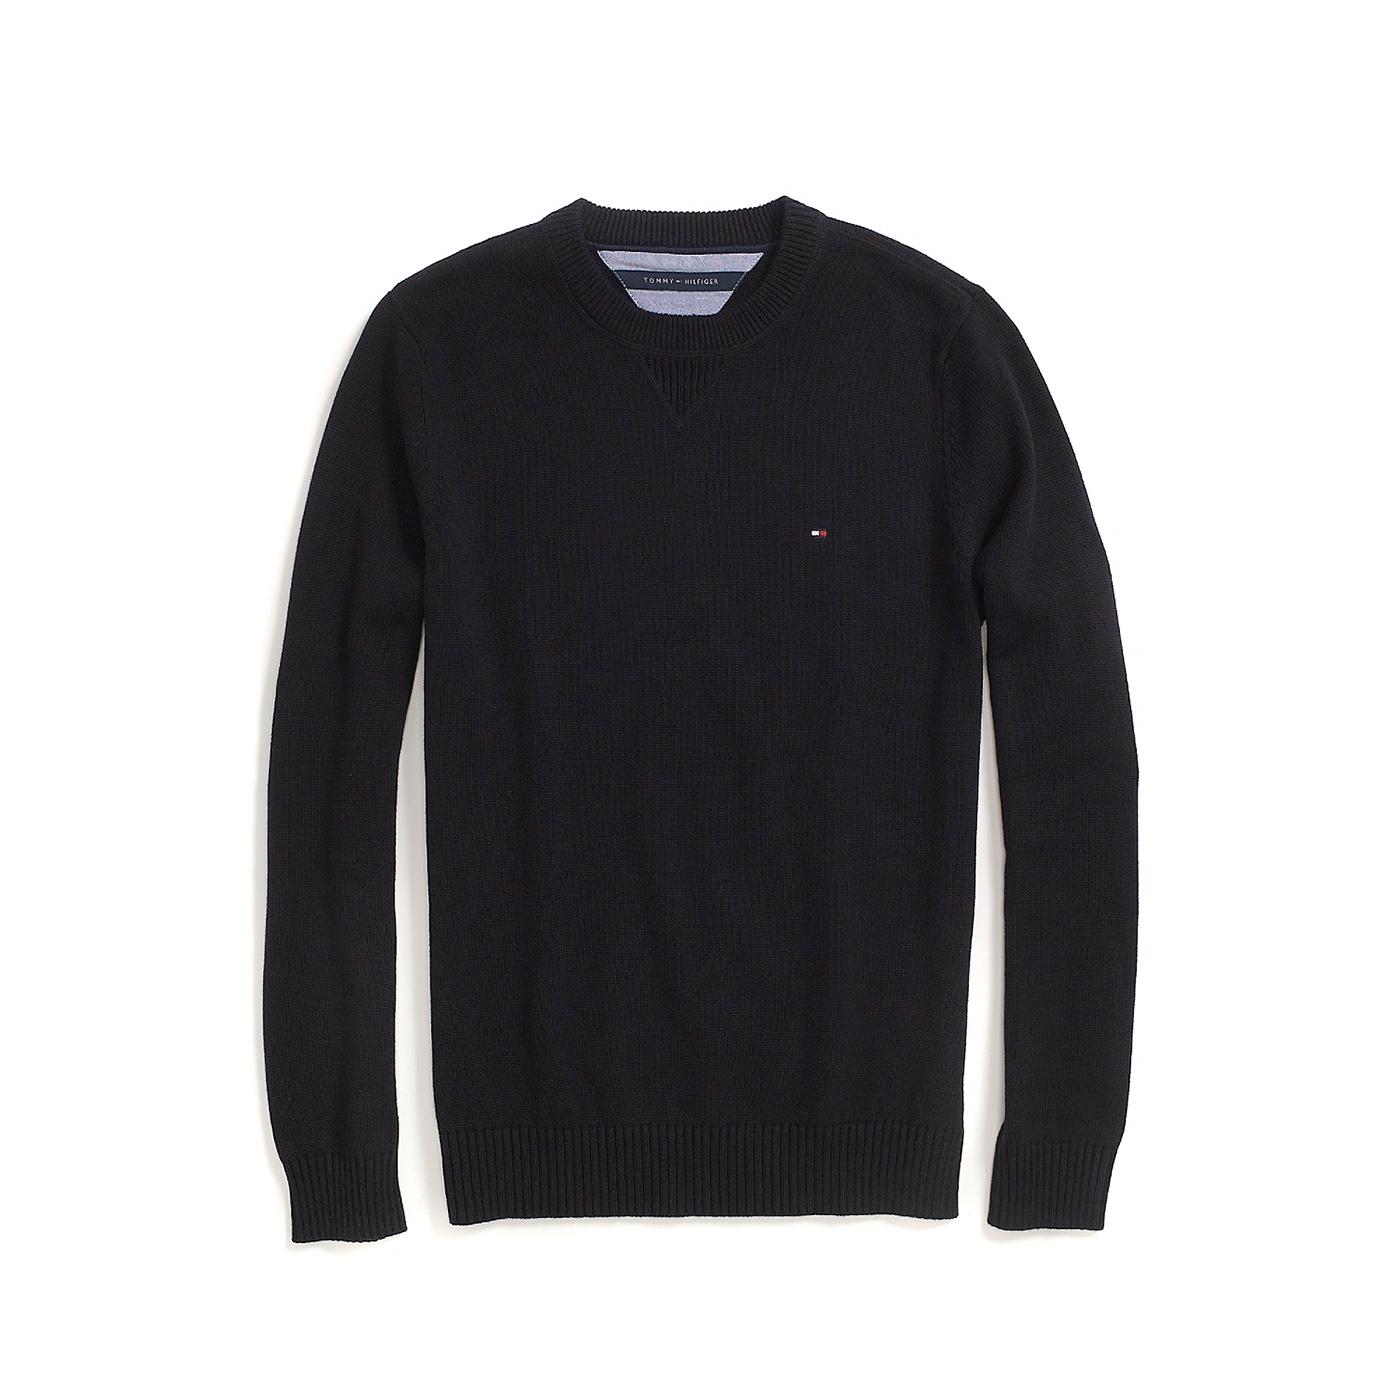 美國百分百【Tommy Hilfiger】針織衫 TH 線衫 毛衣 素面 圓領 休閒 厚版 黑色 S M號 F609